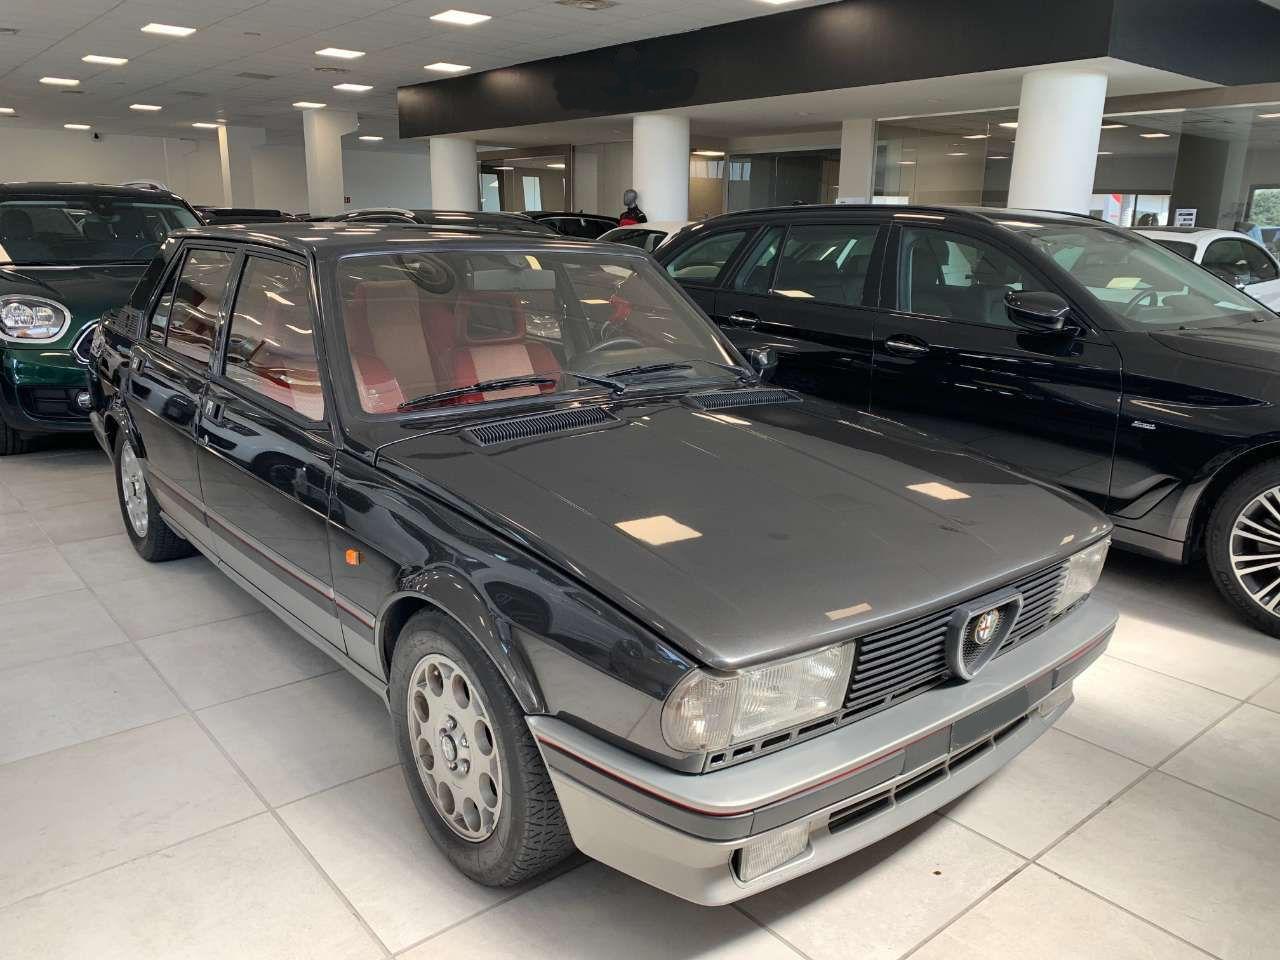 Alfa Romeo Giulietta Autodelta Turbodelta